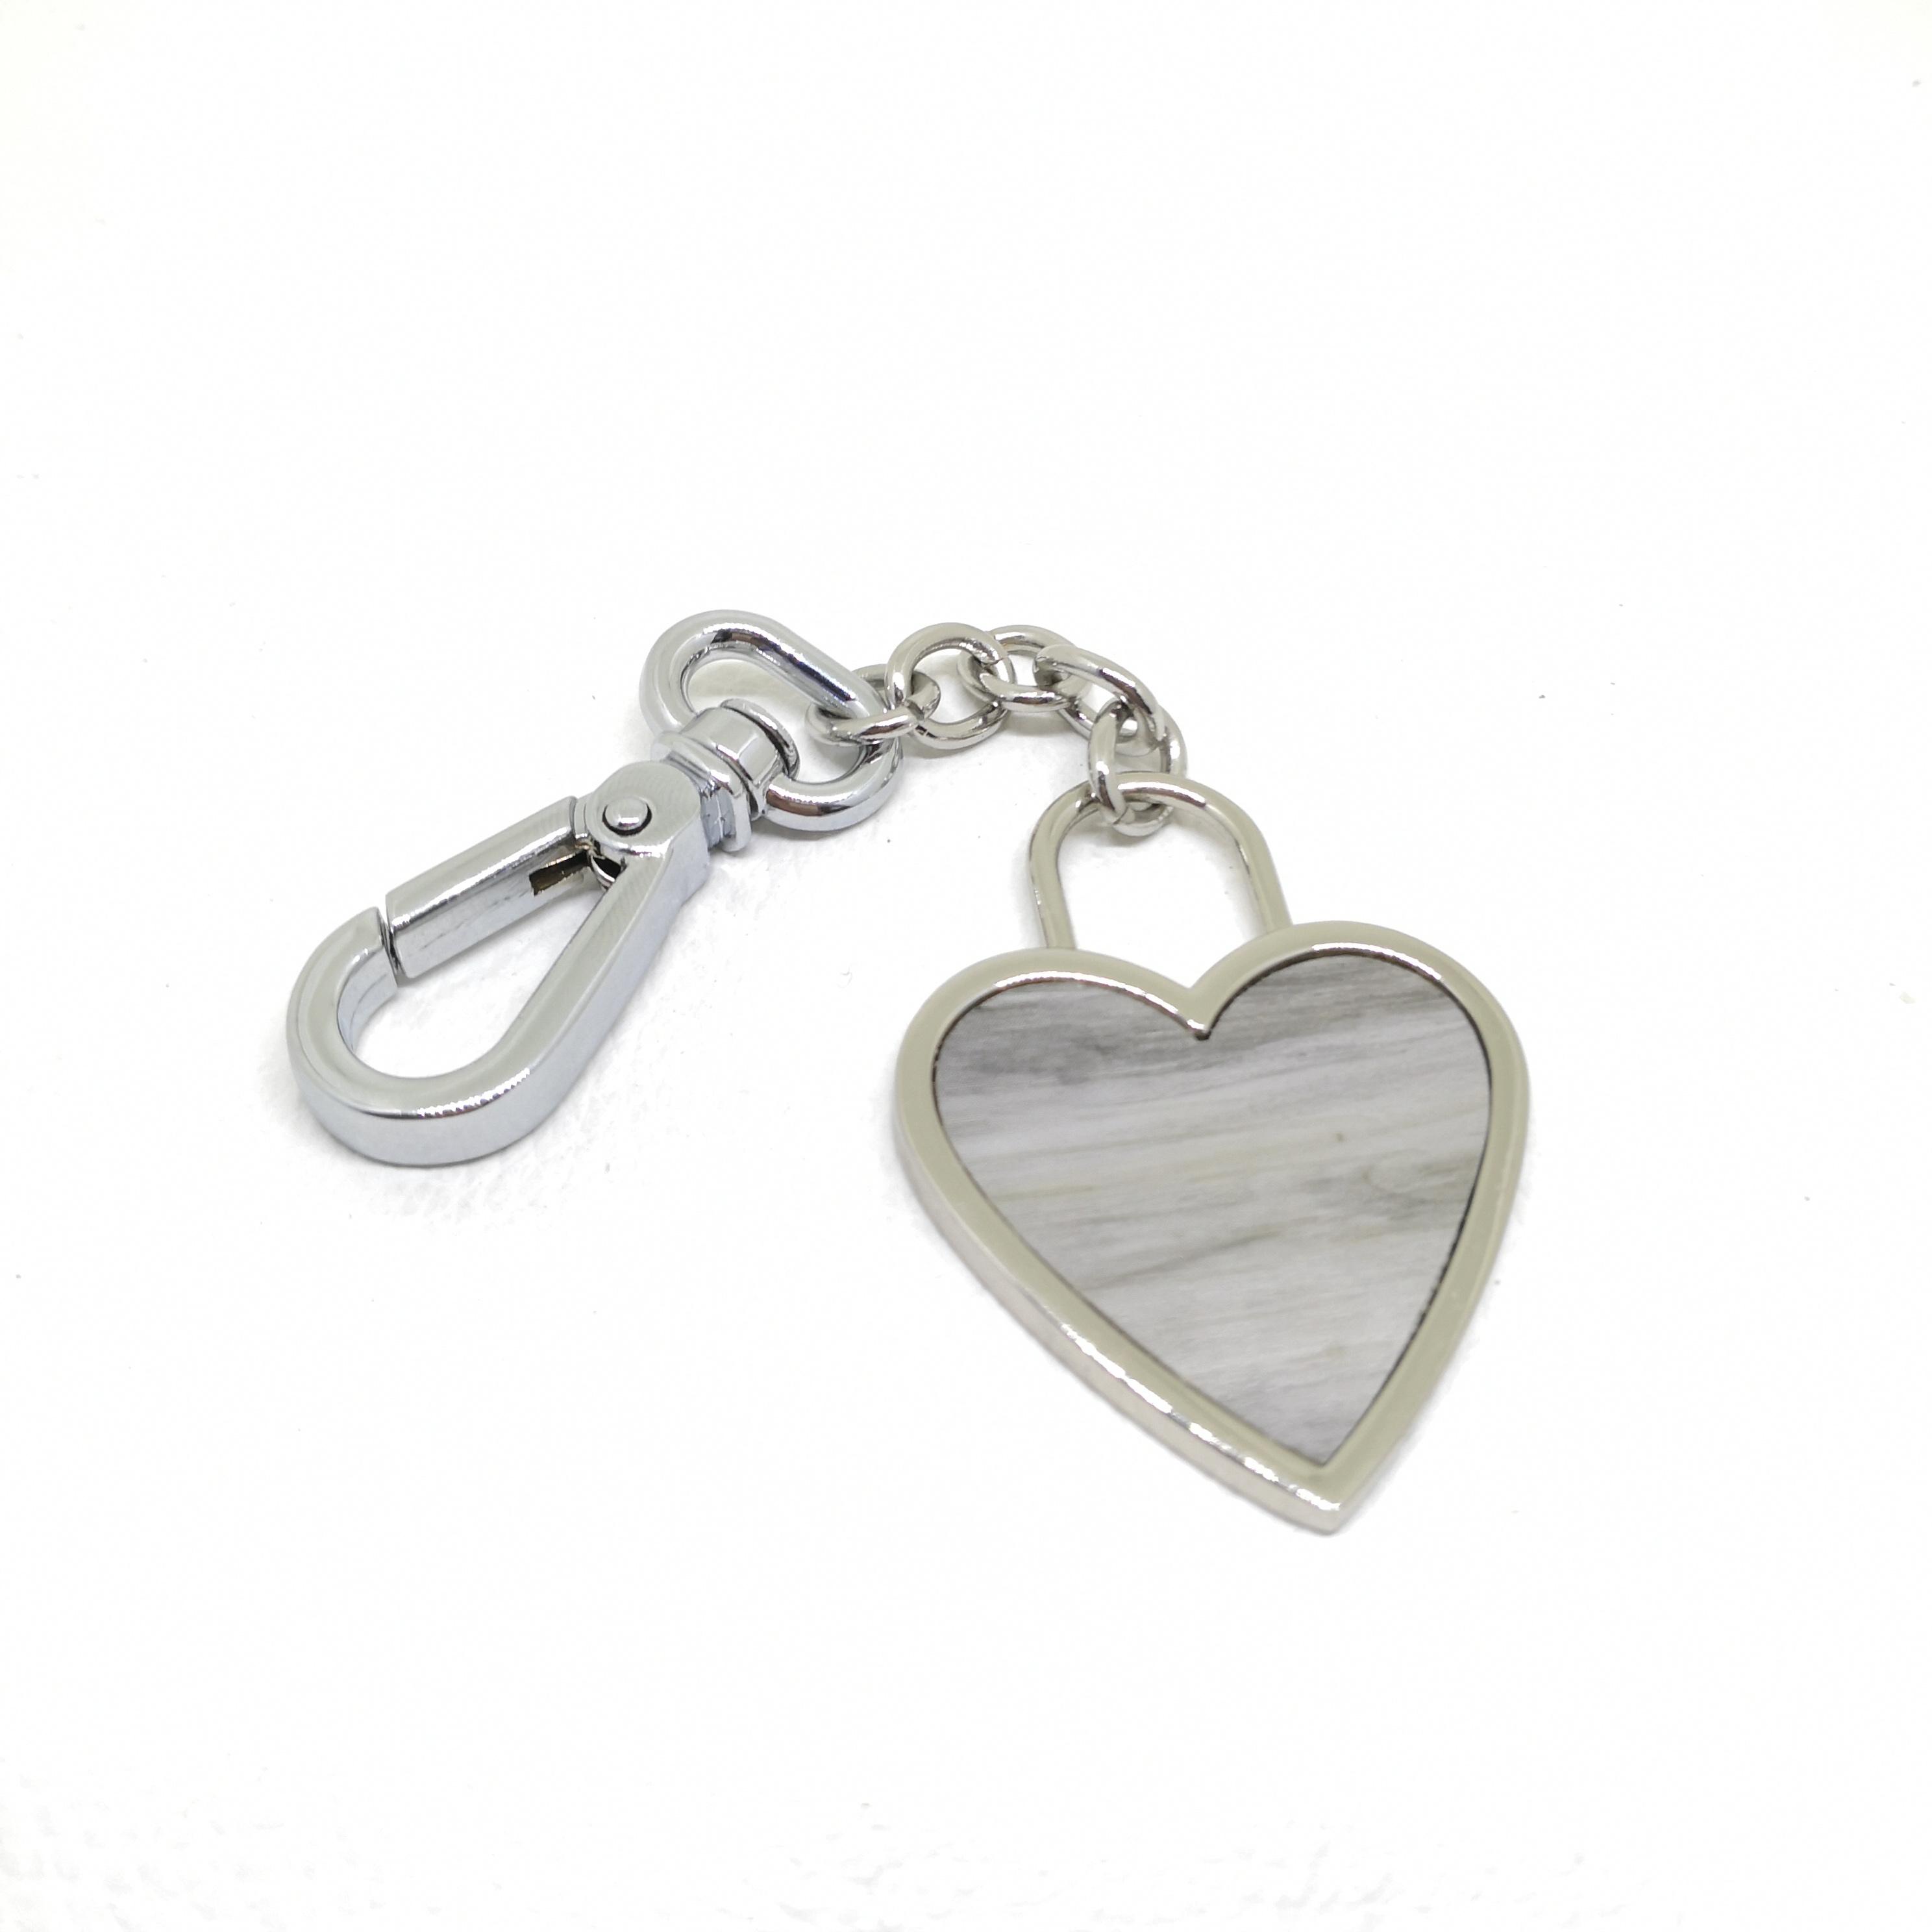 Key Ring - Heart